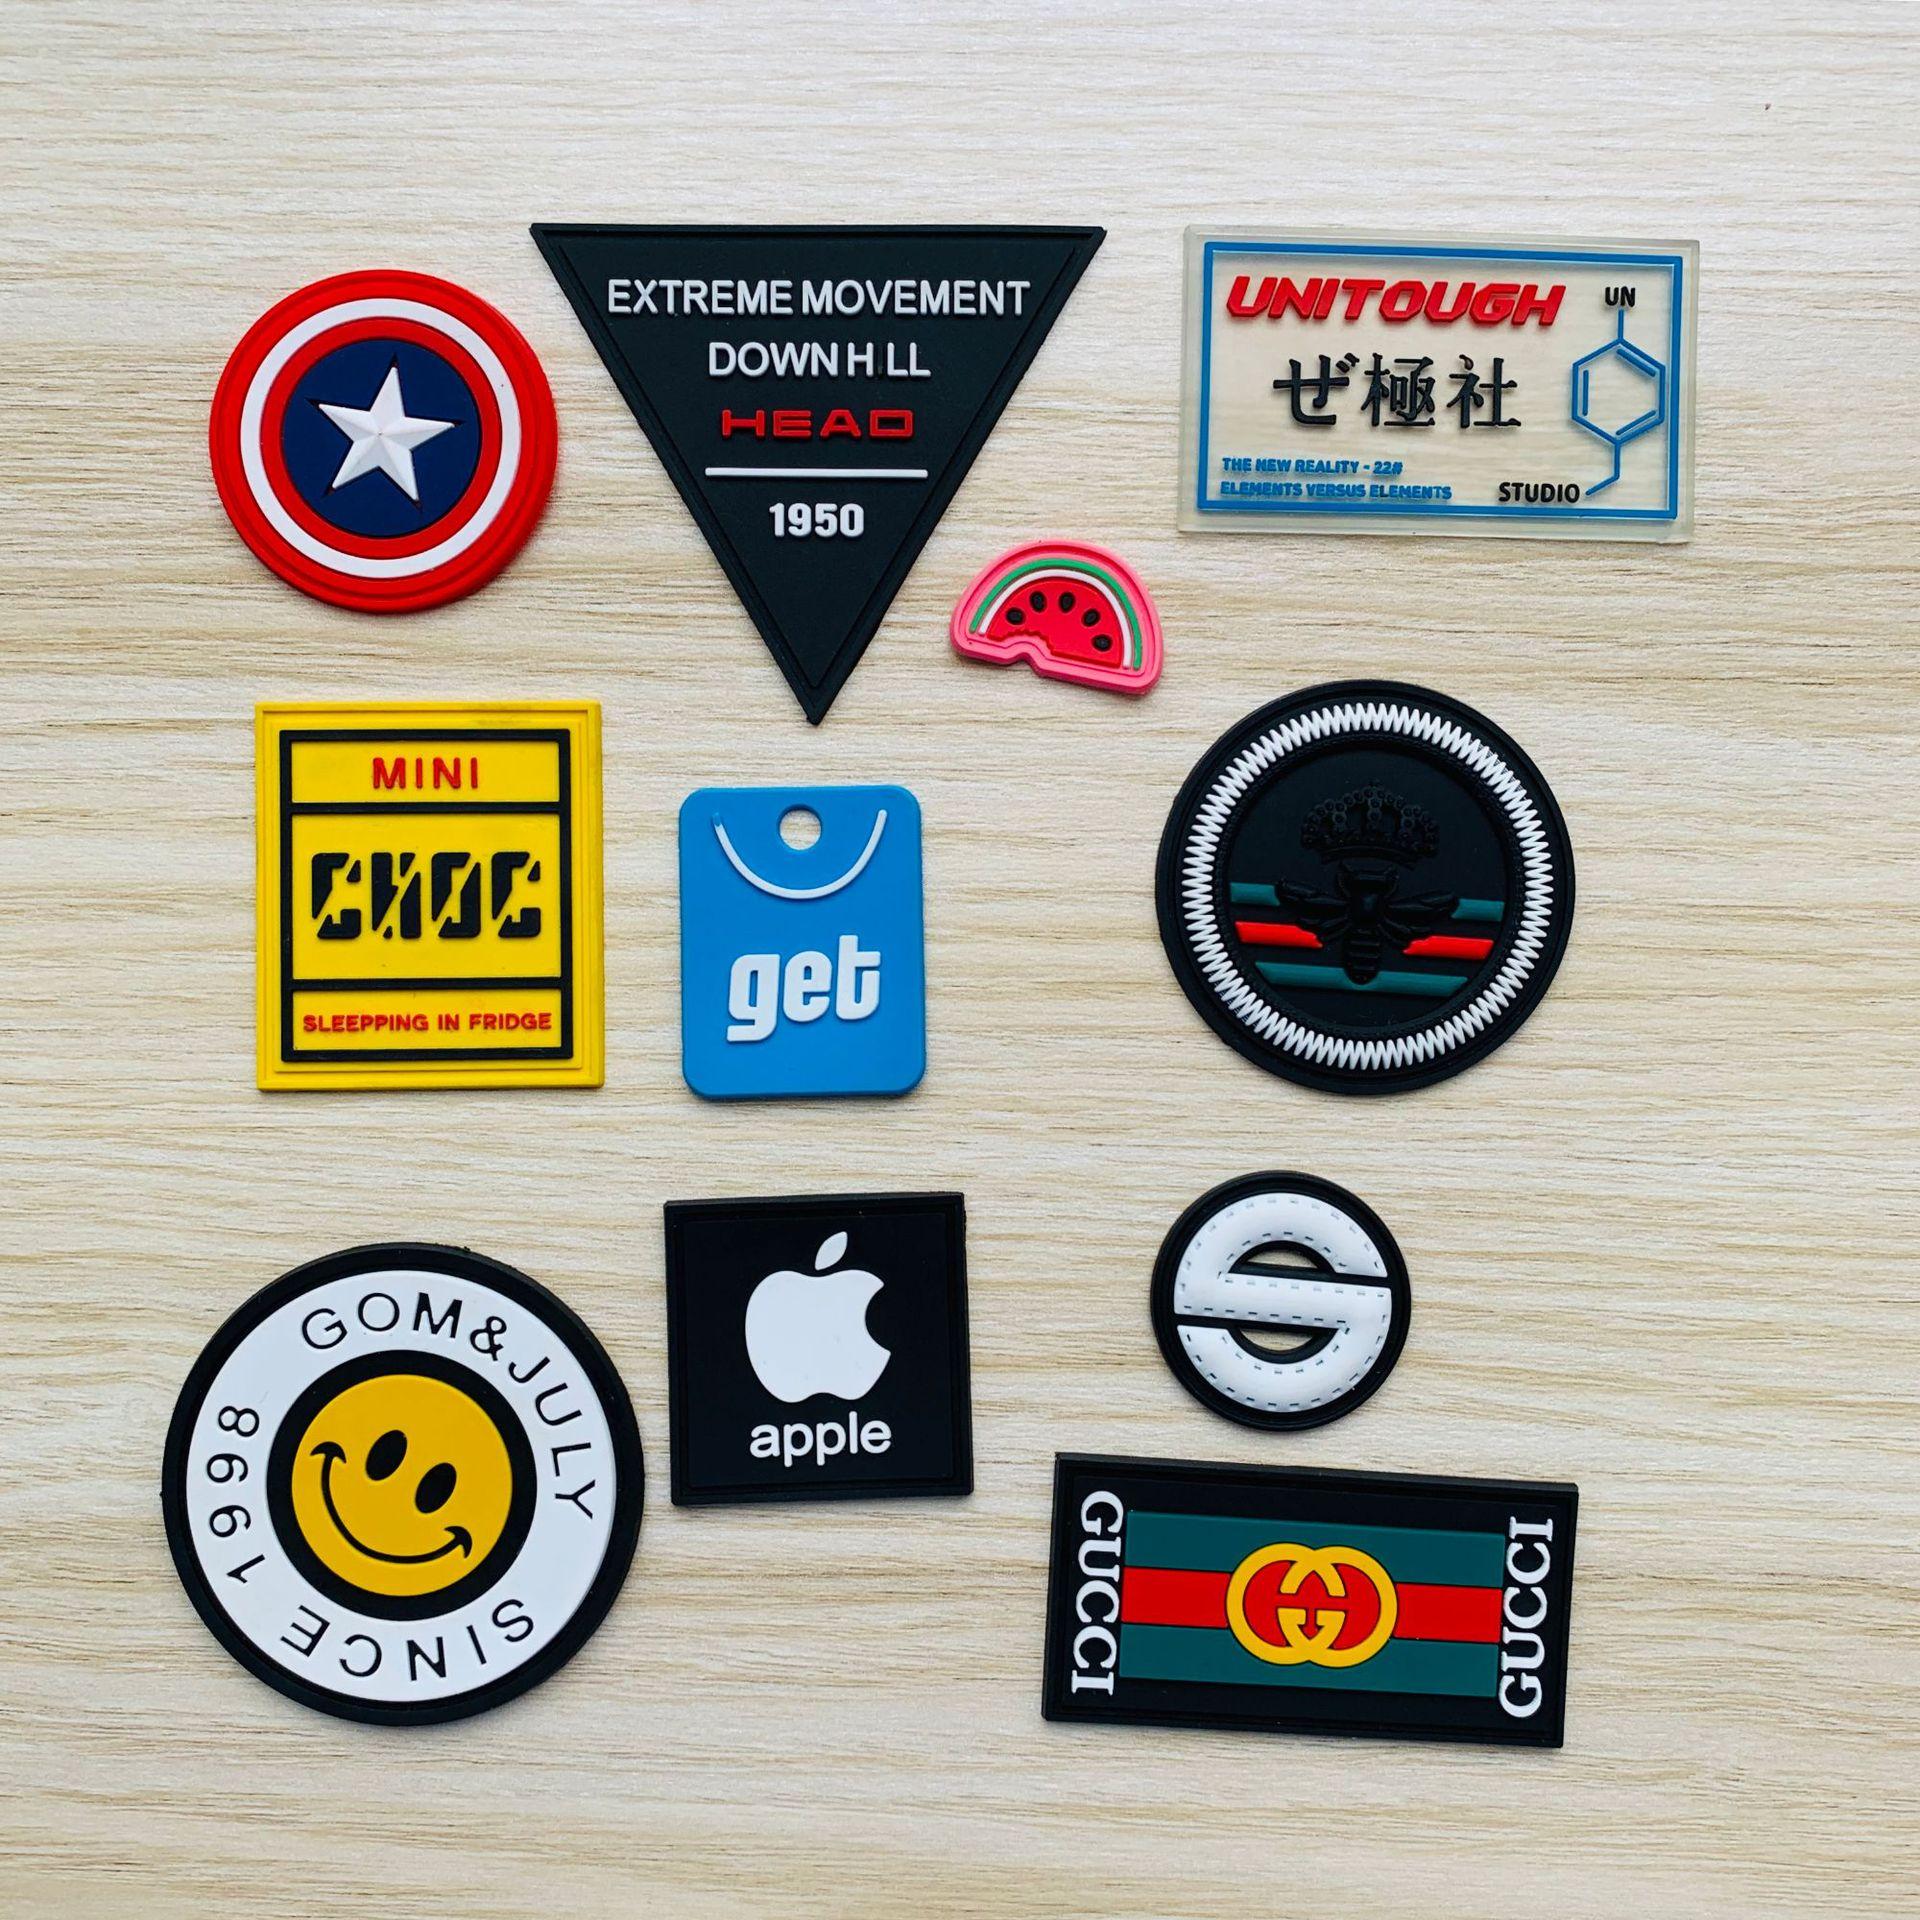 廠家定制pvc軟膠商標服裝膠章塑料標硅膠標橡膠來圖商標定制